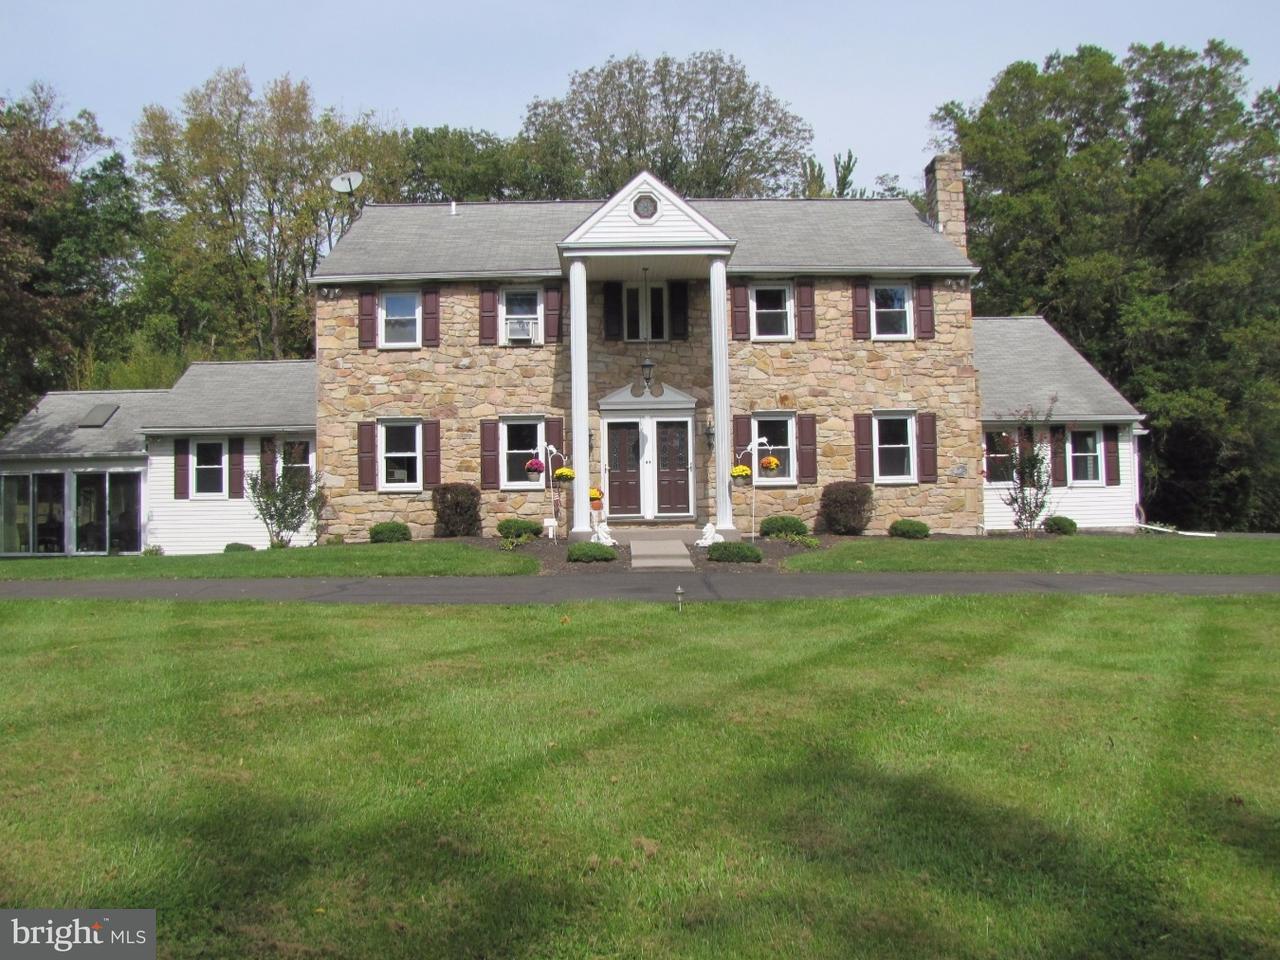 Maison unifamiliale pour l Vente à 320 AQUETONG Road Solebury, Pennsylvanie 18938 États-UnisDans/Autour: Solebury Township